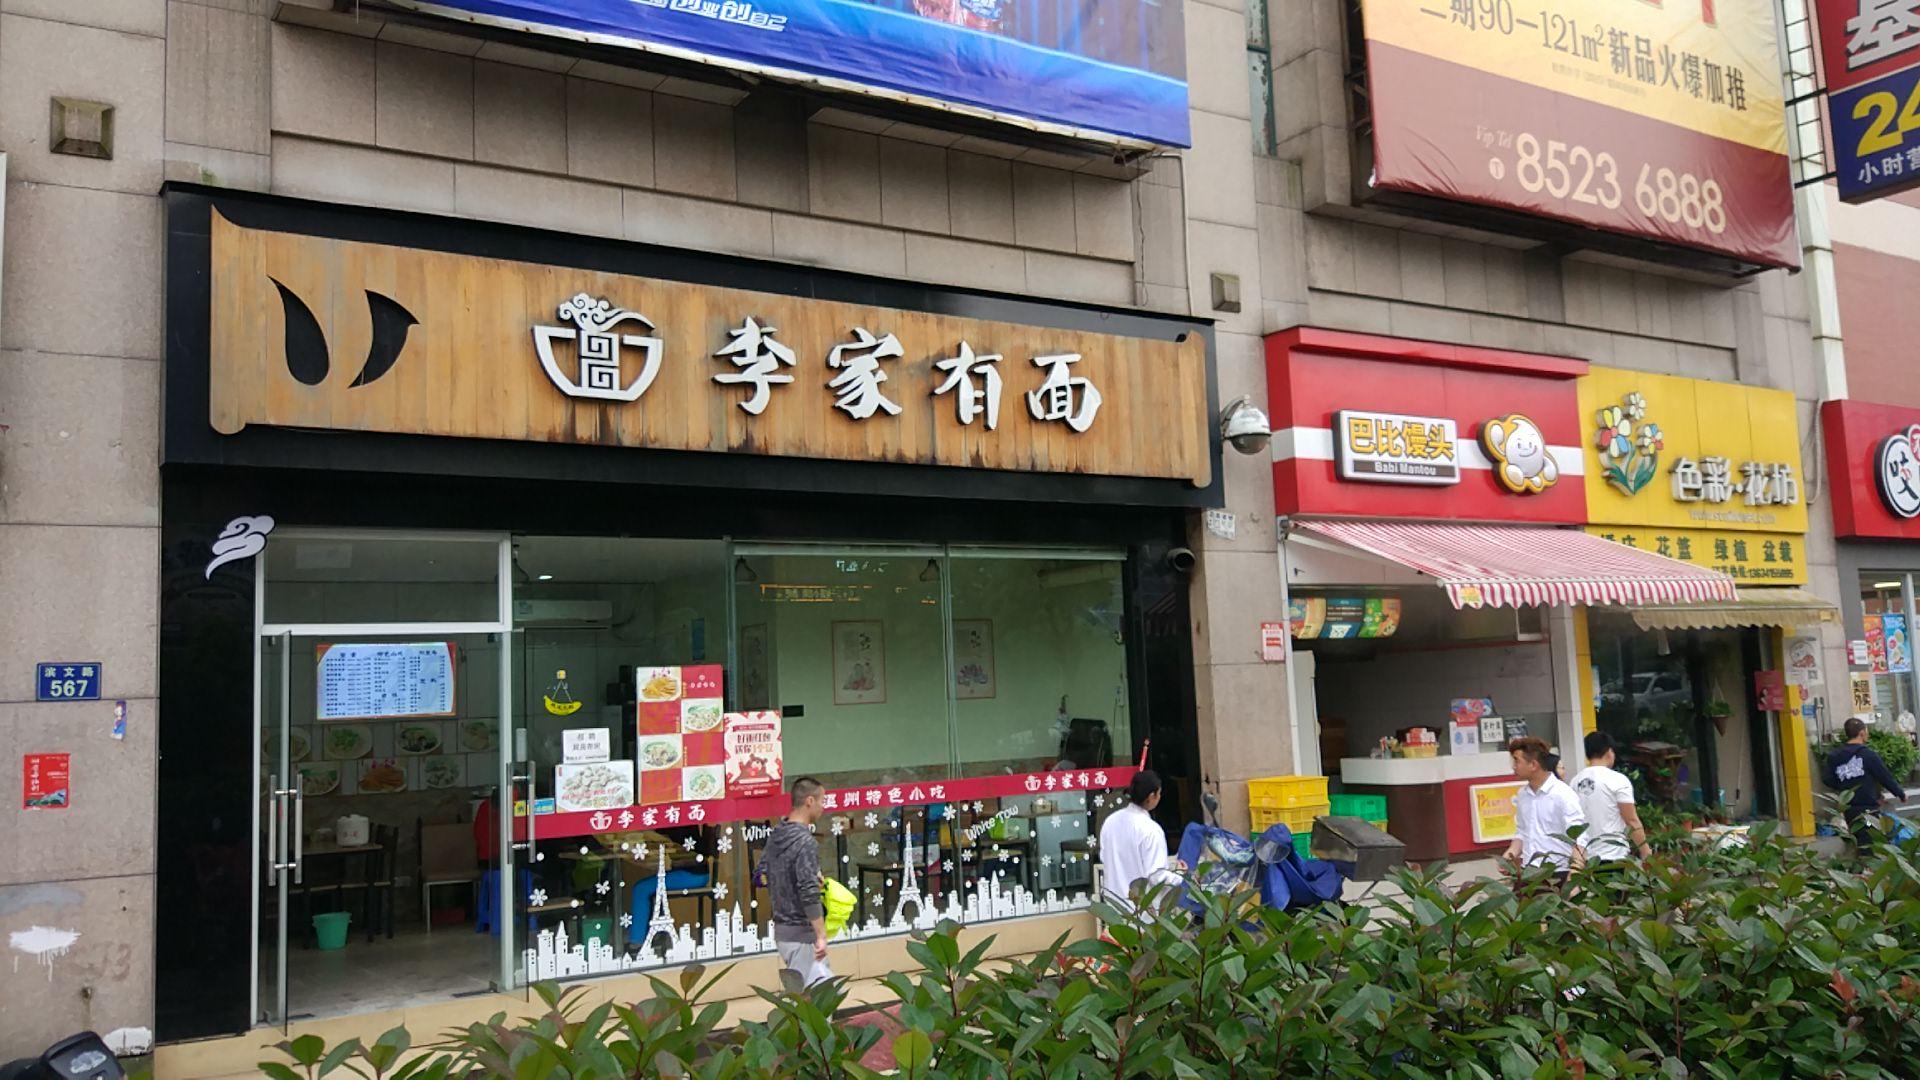 77鲜花(杭州色彩花坊店)